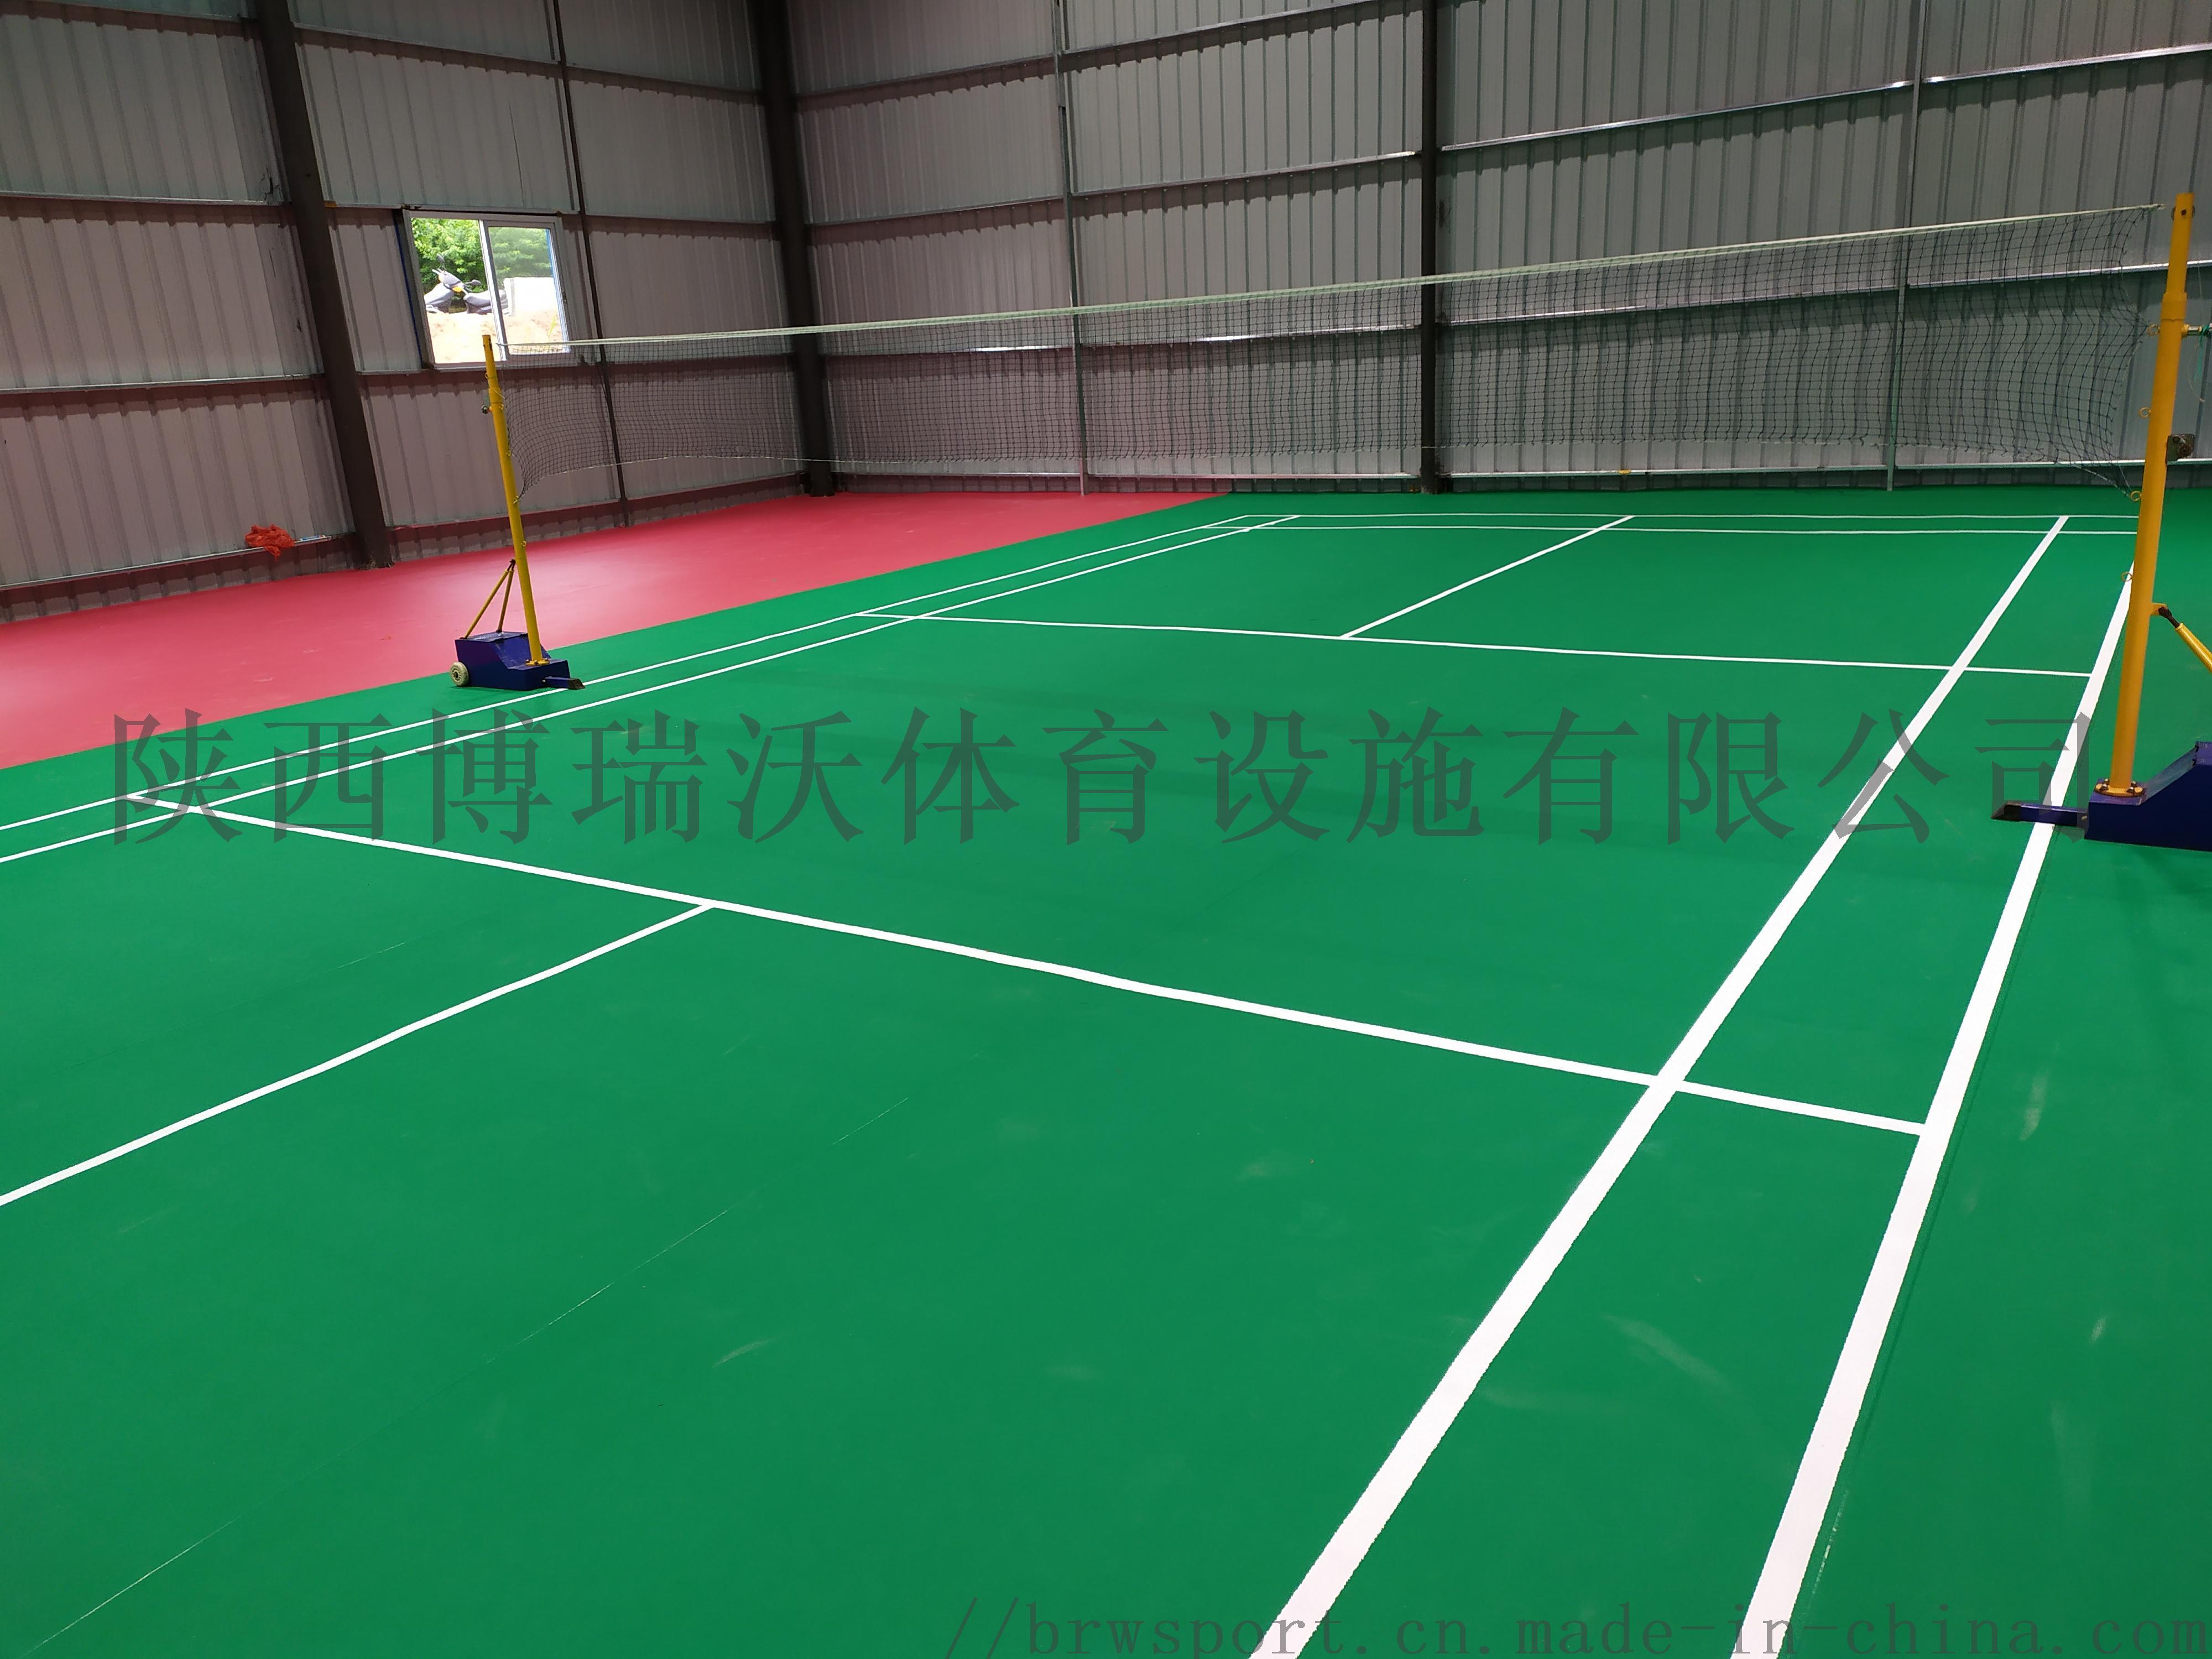 室内羽毛球场,羽毛球场室内总面积造价848475542